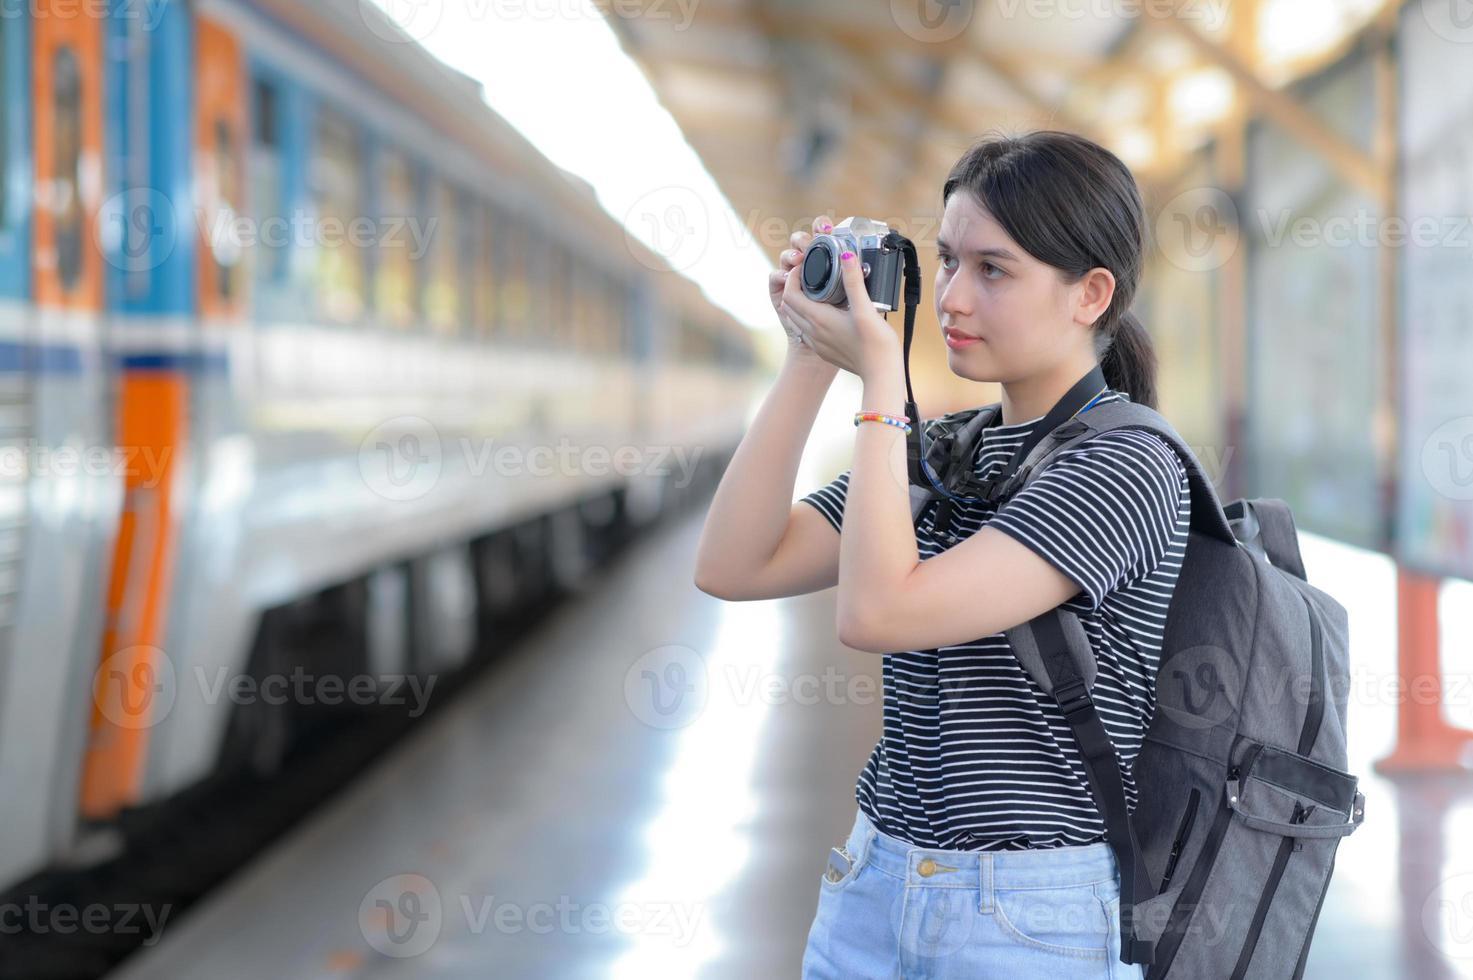 Mientras espera el tren, una joven visitante extranjera lleva una cámara para tomar fotografías. foto